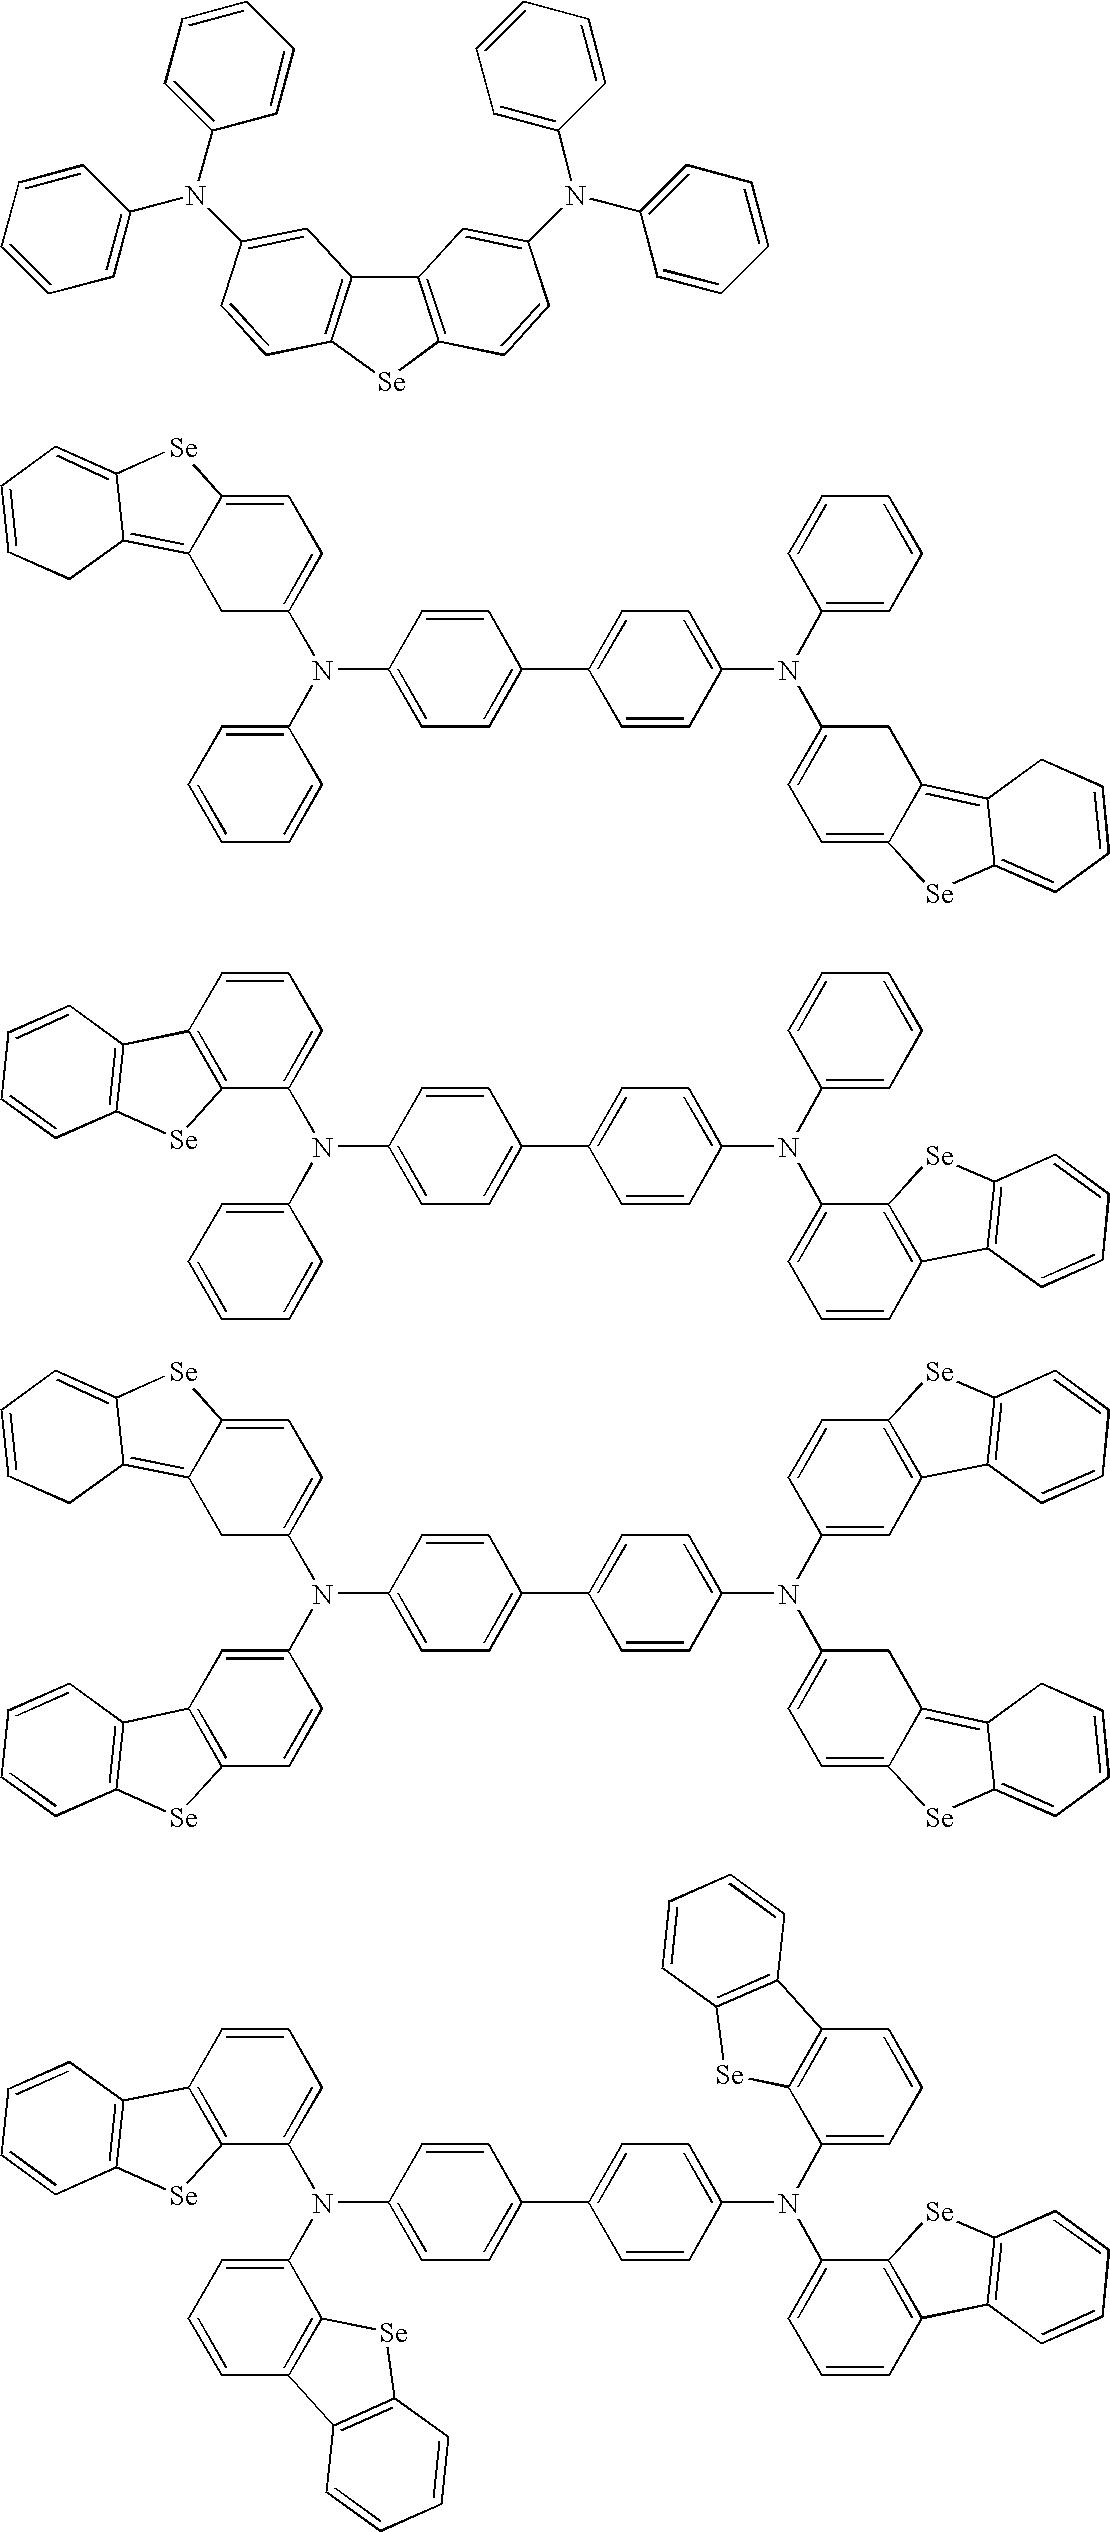 Figure US20100072887A1-20100325-C00238